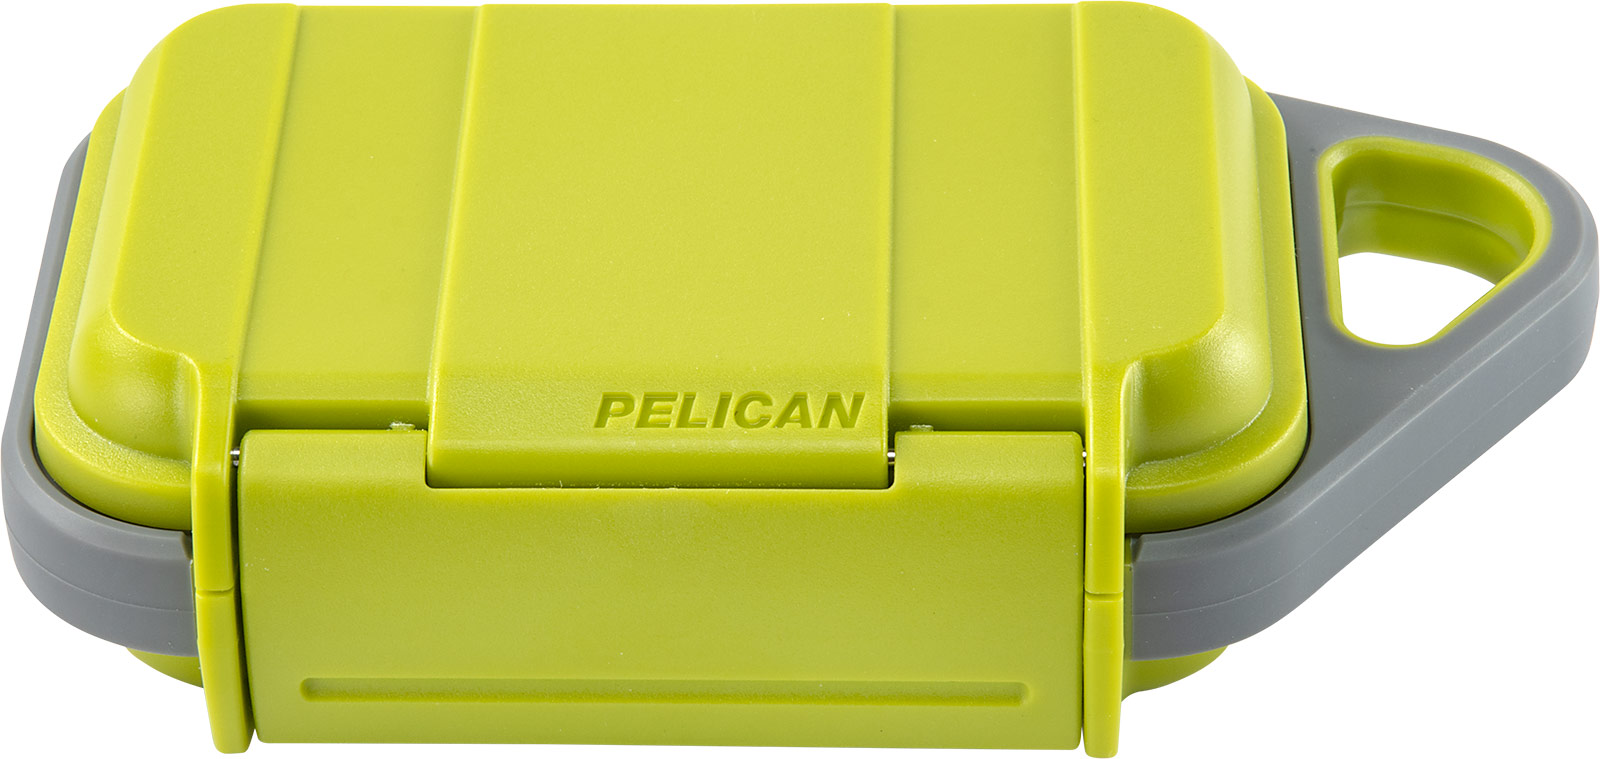 pelican crushproof micro g10 go case